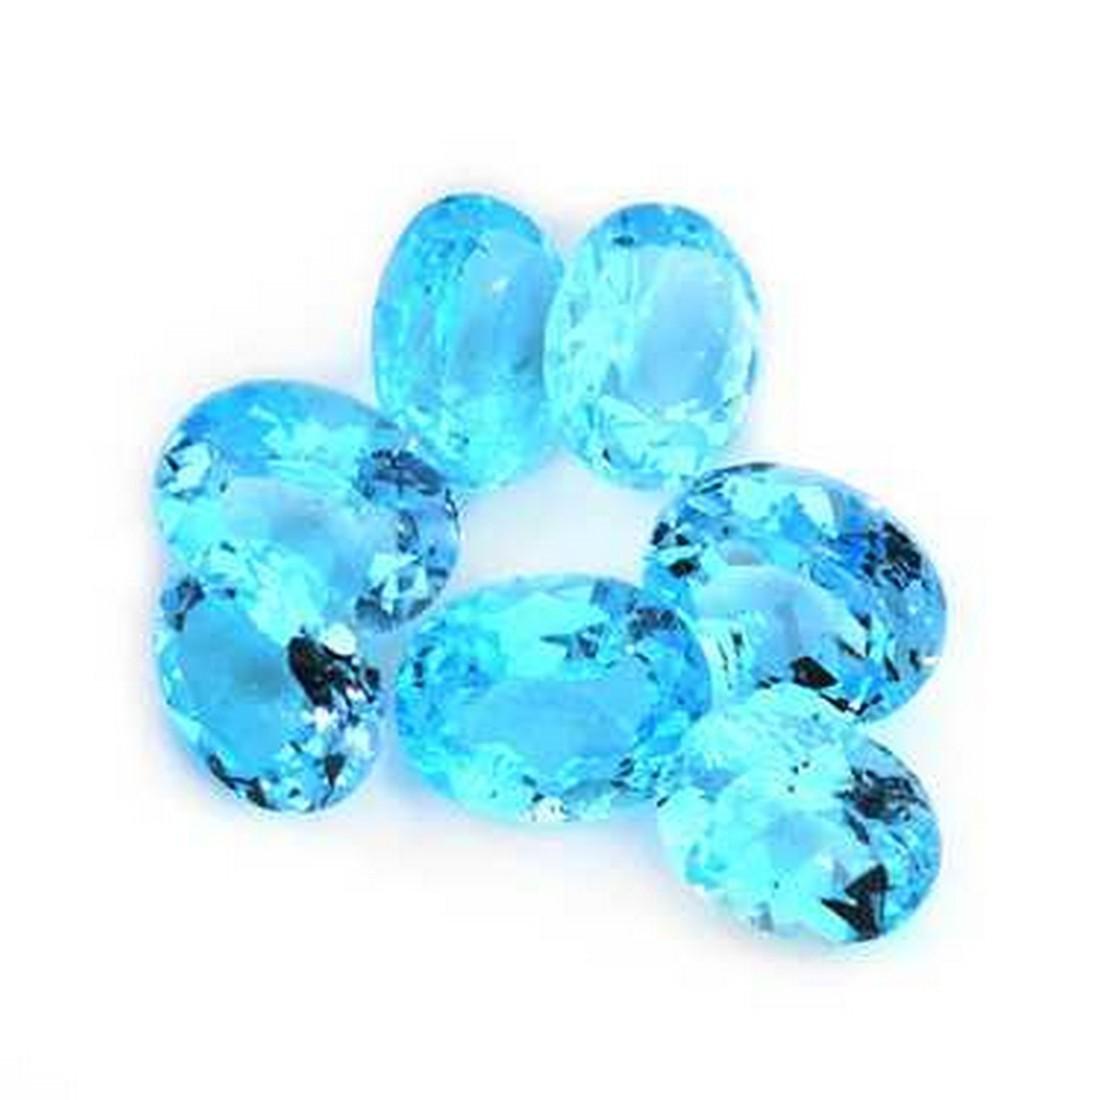 26.24 ct blue topaz parcel